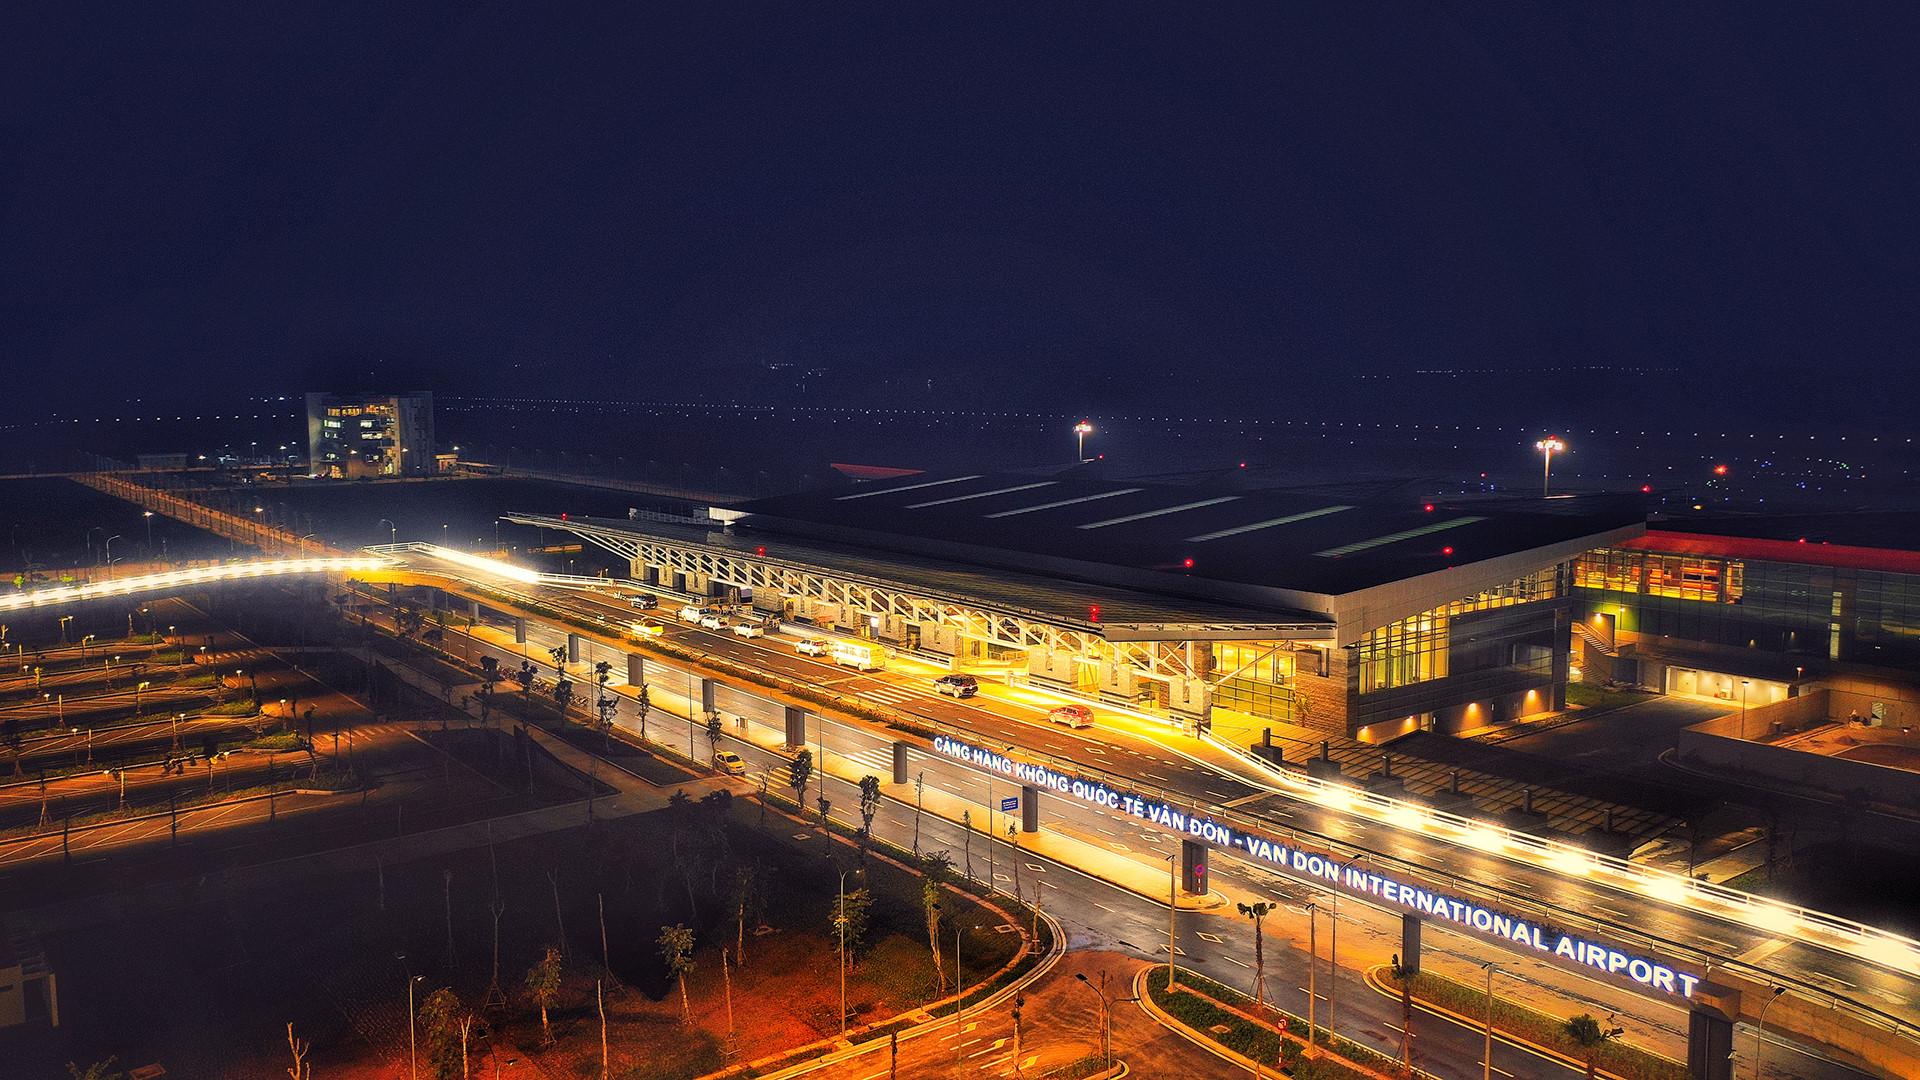 Cảnh đêm cảng Vân Đồn